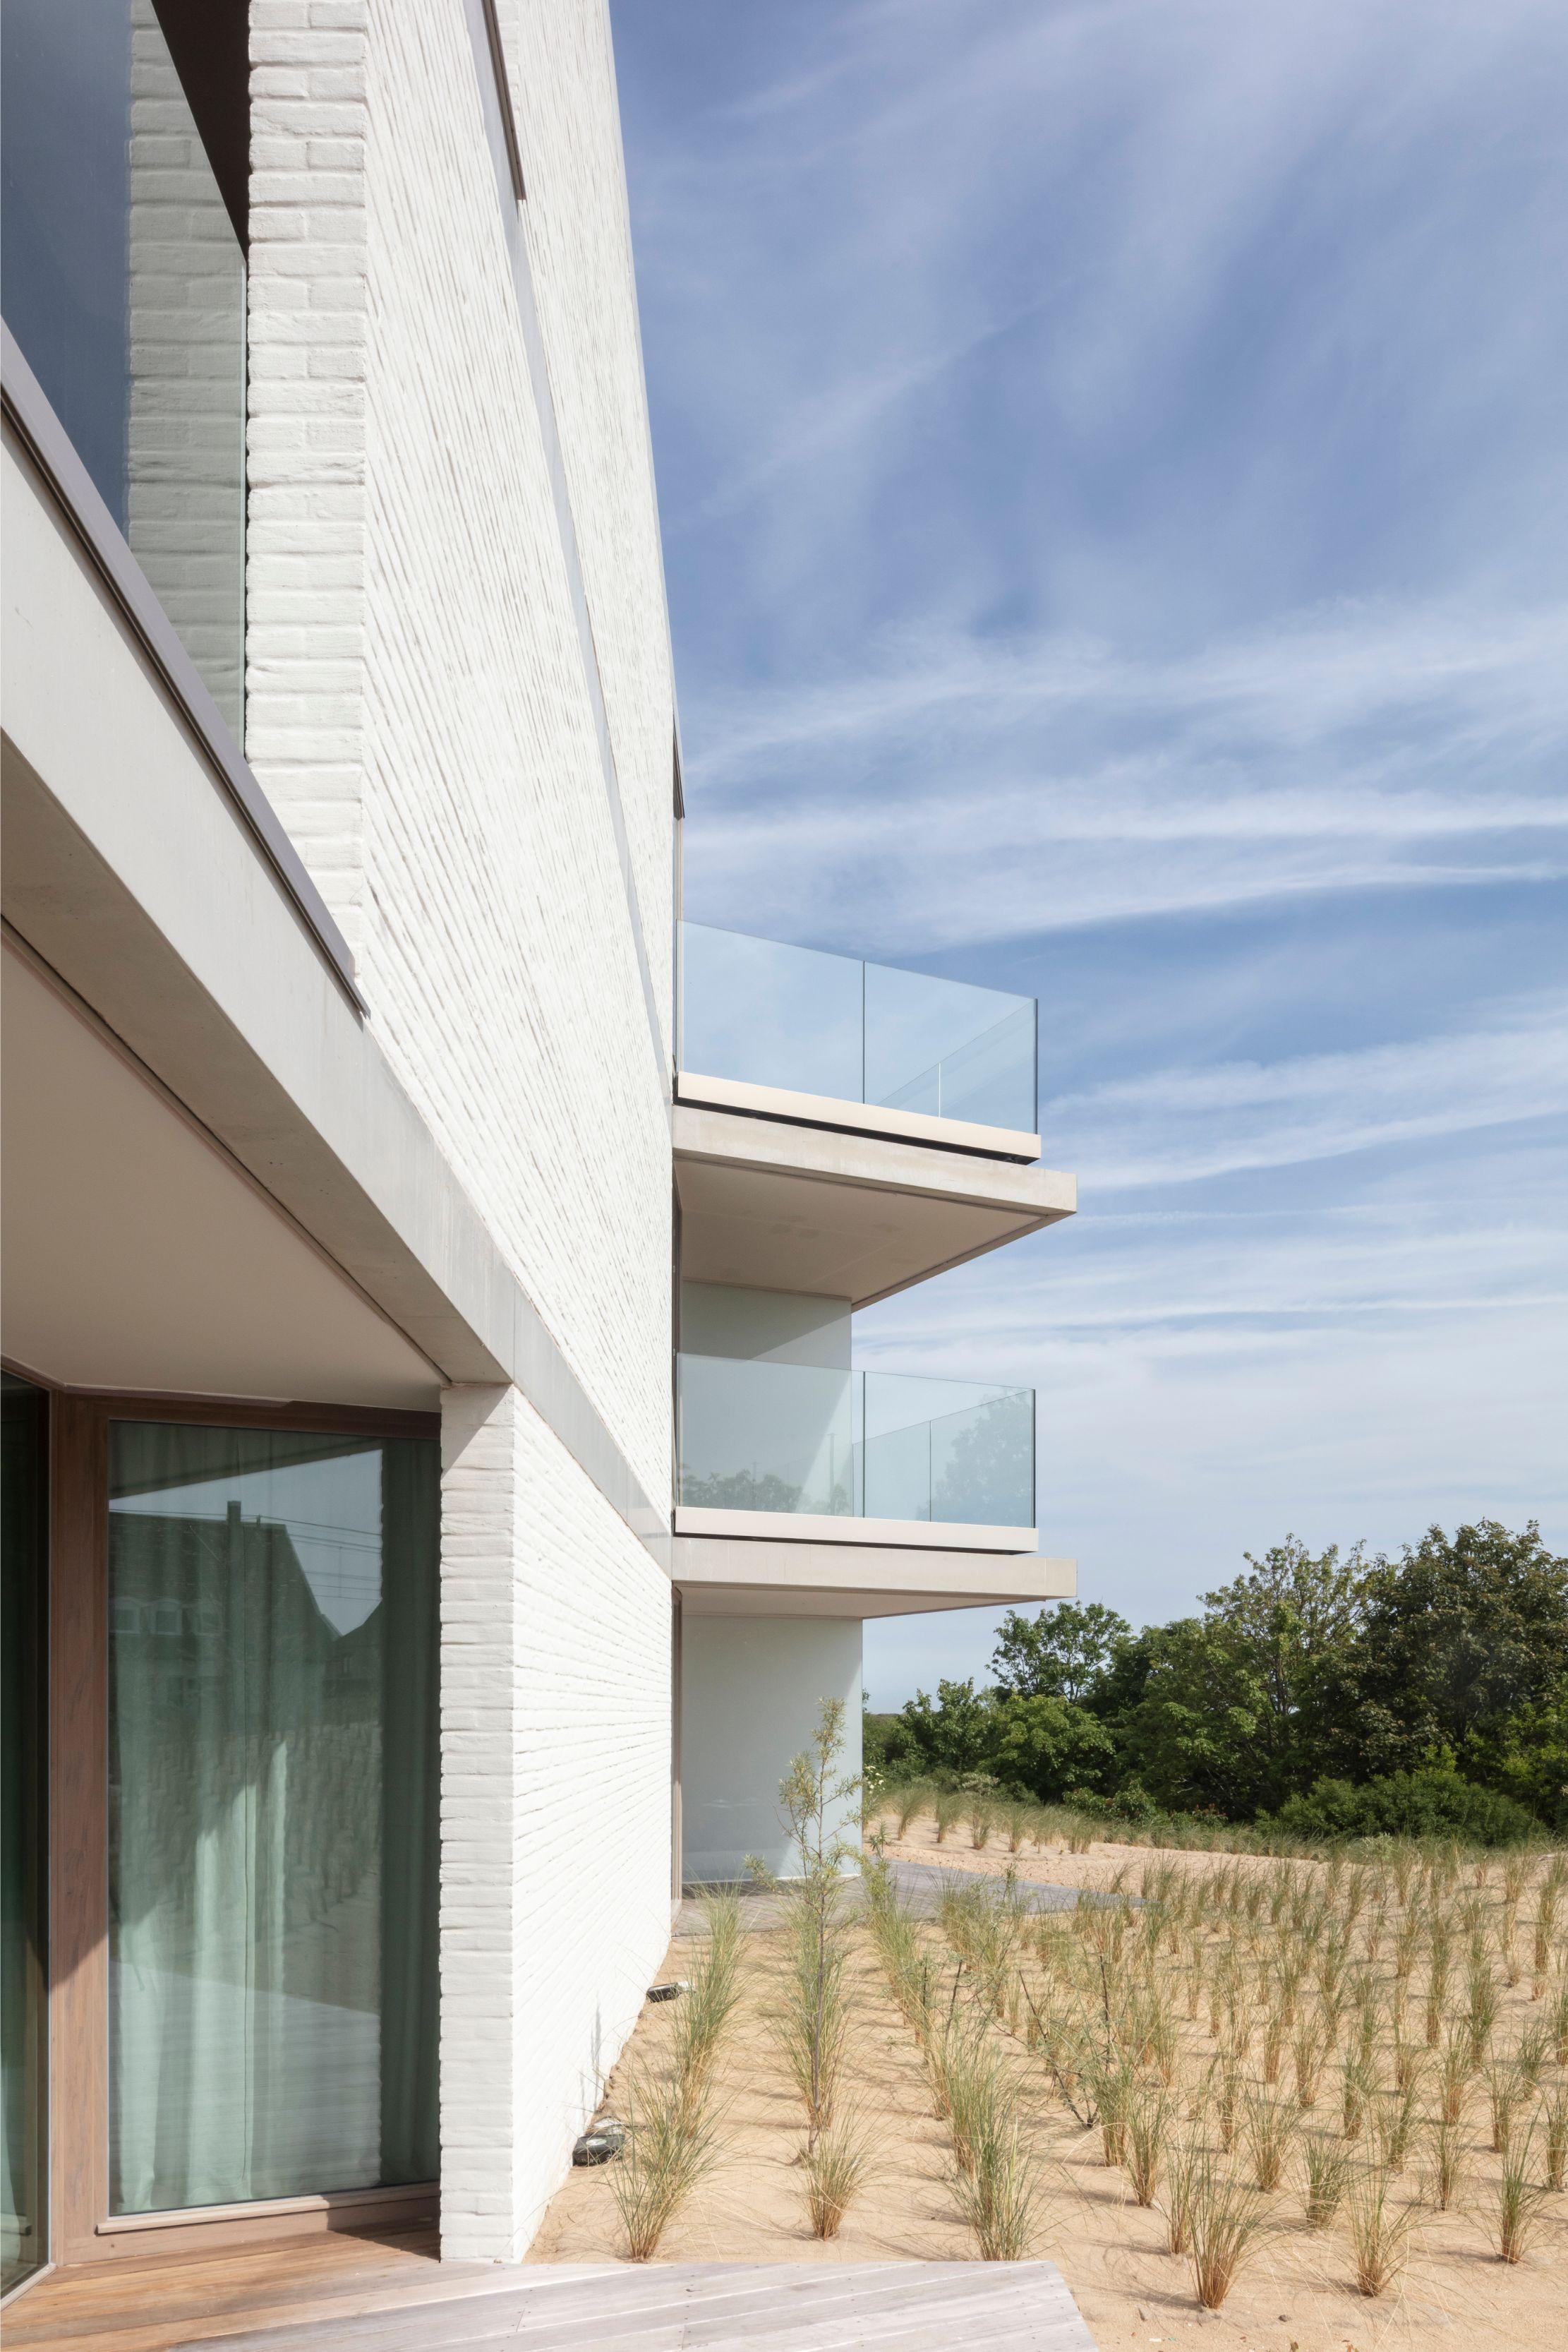 Hans Wegner - Rietveldprojects - Koksijde - Tvdv9.jpg